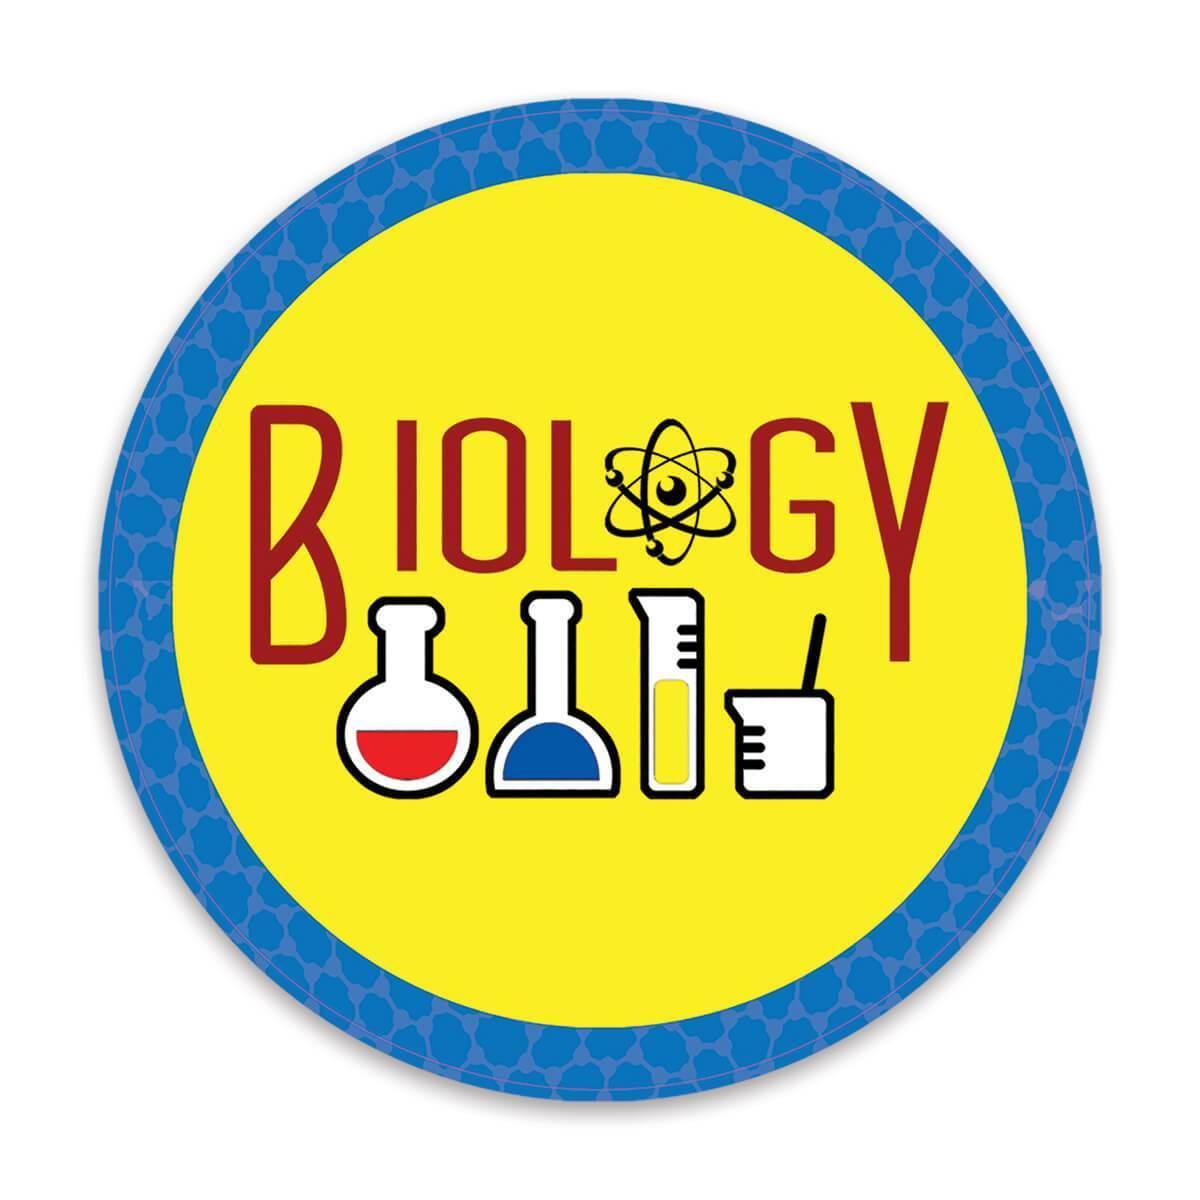 Biology : Gift Sticker Profession Job Work Coworker Birthday Occupation Graduation